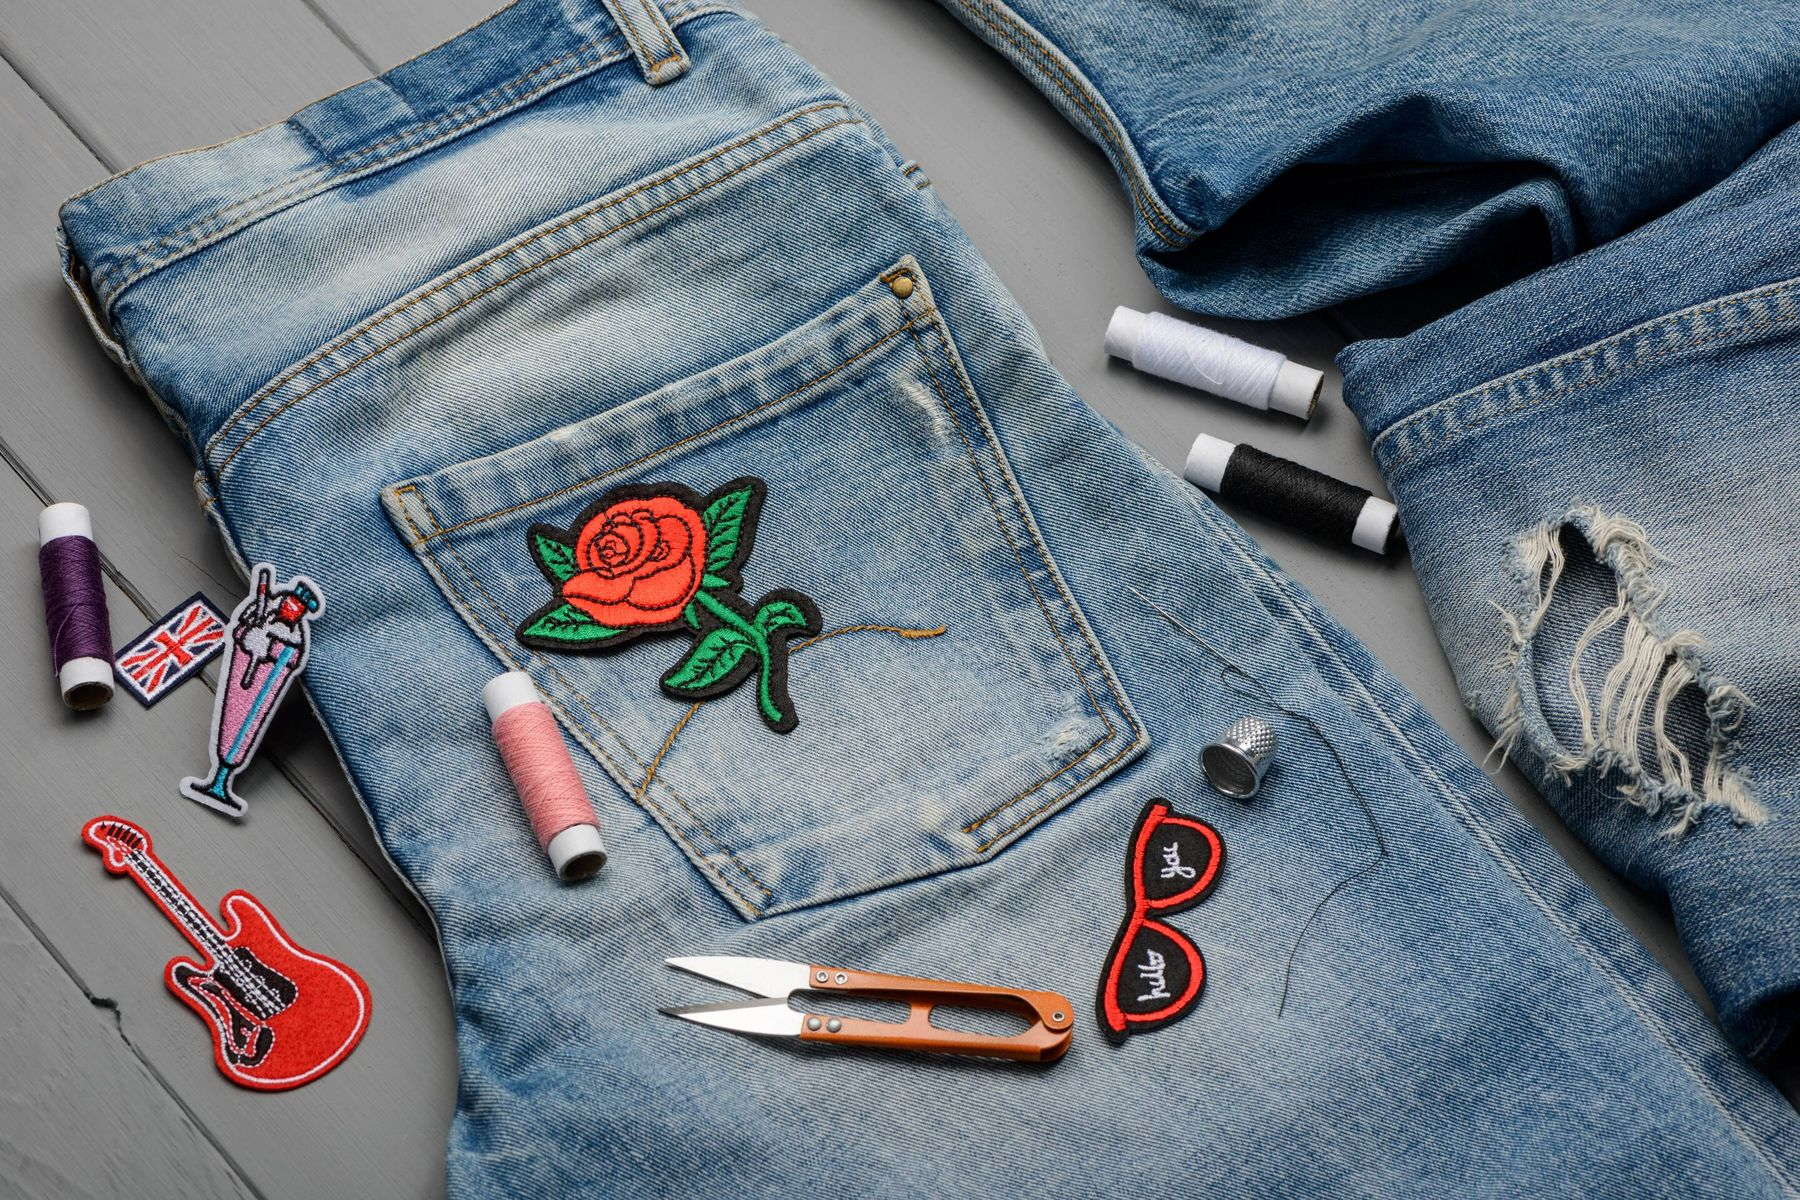 Jeans biru berbordir mawar dan peralatan jahit